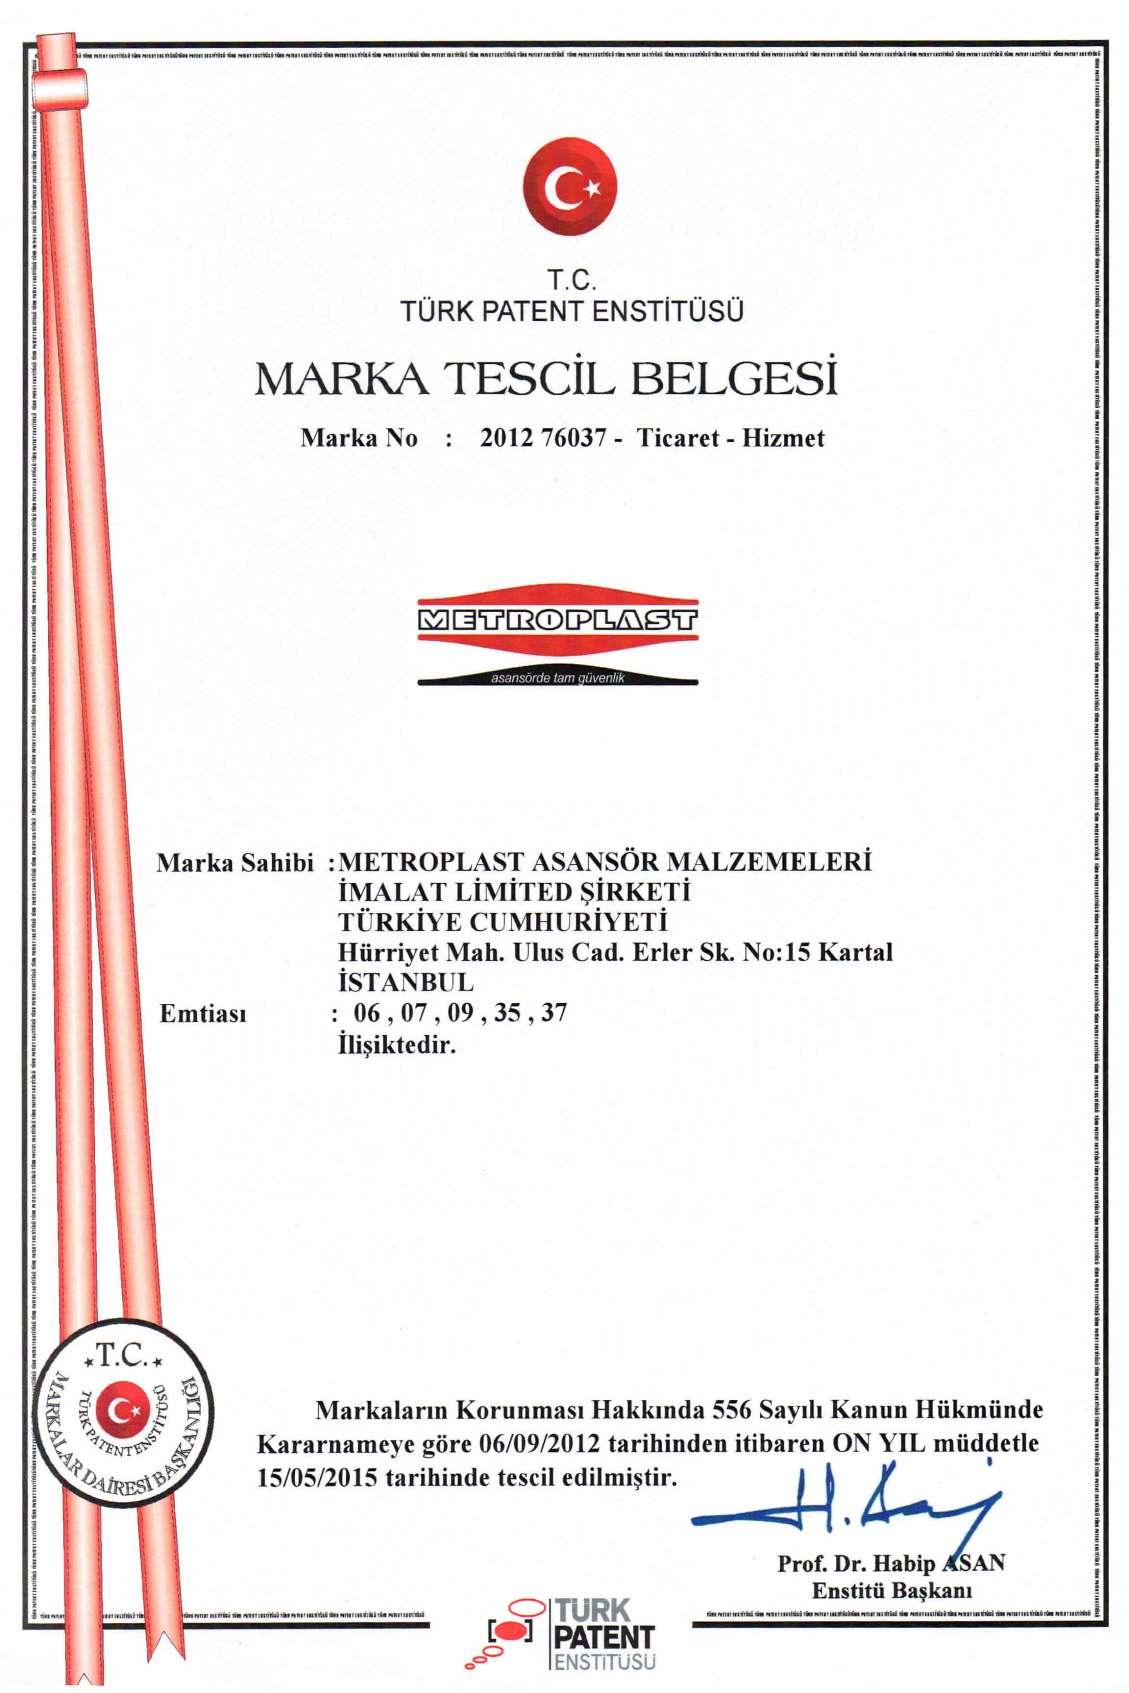 Metroplast Mark Tescil Belgesi